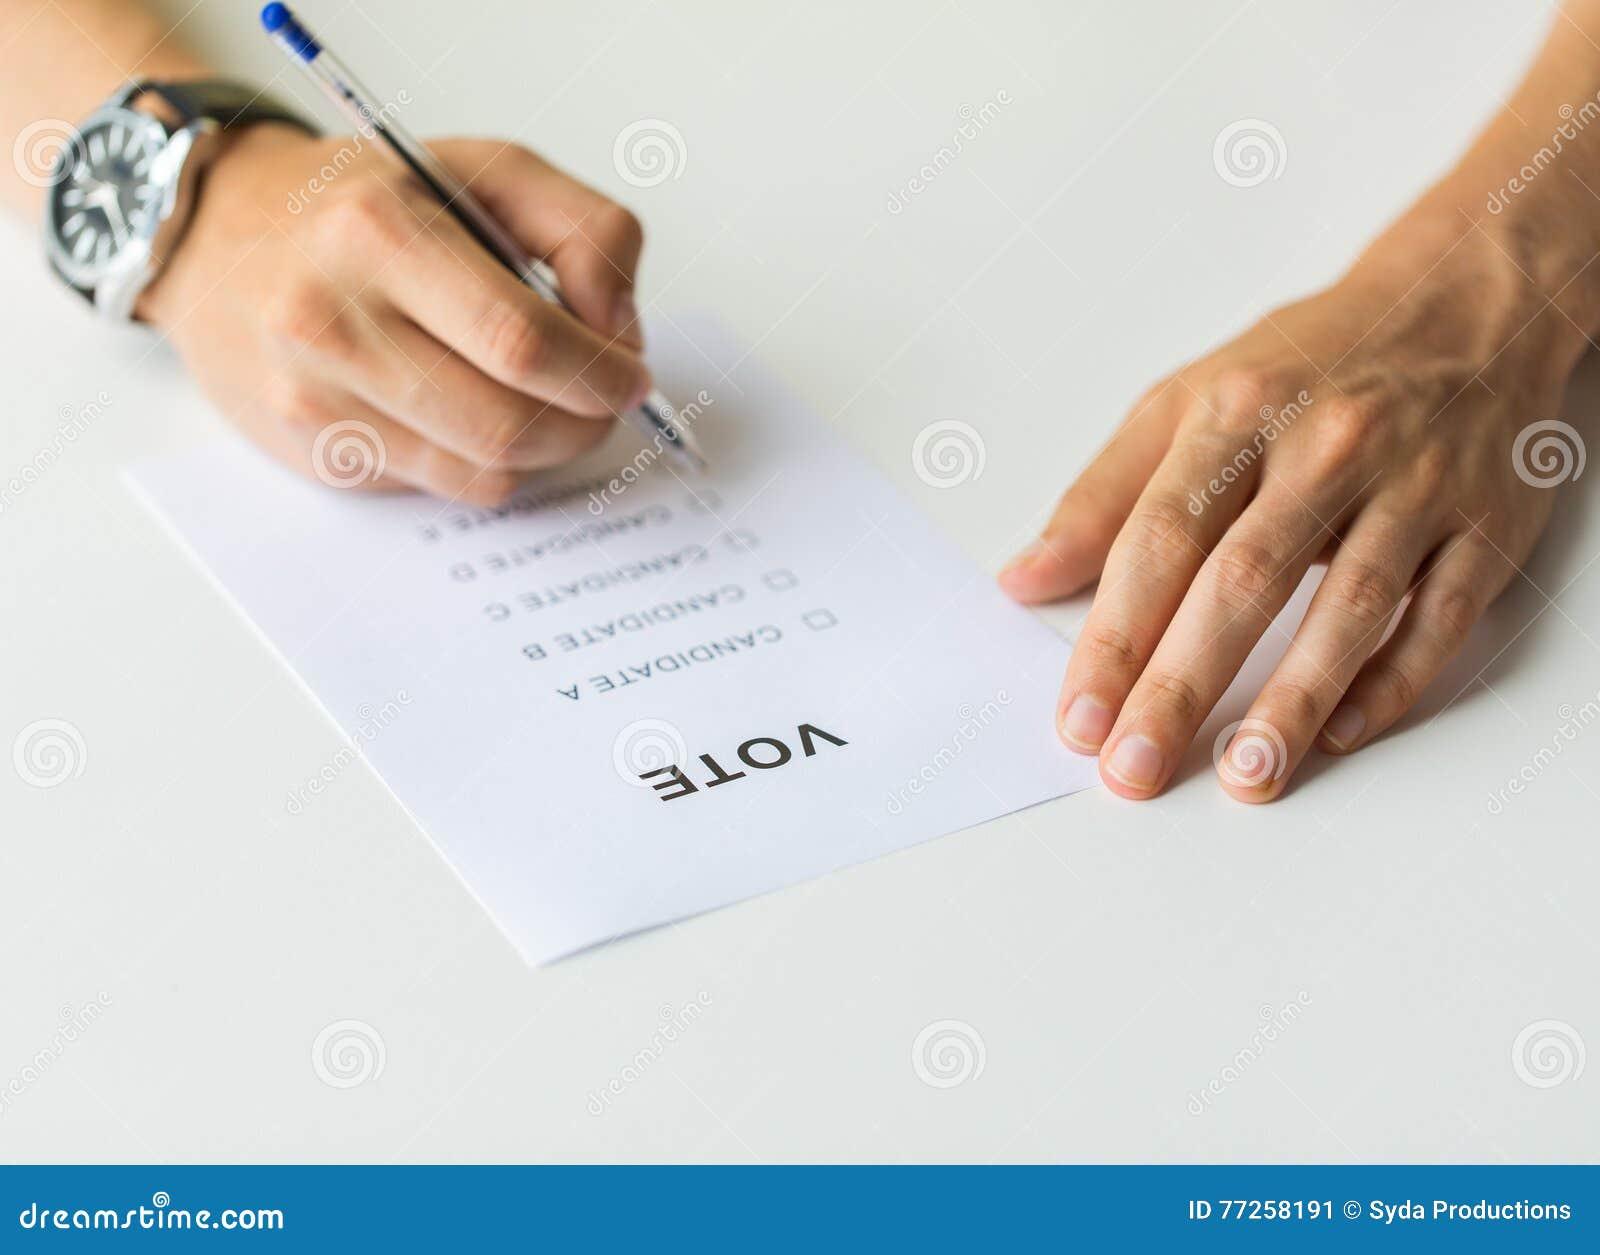 Закройте вверх рук с голосованием или баллотируйте на избрании